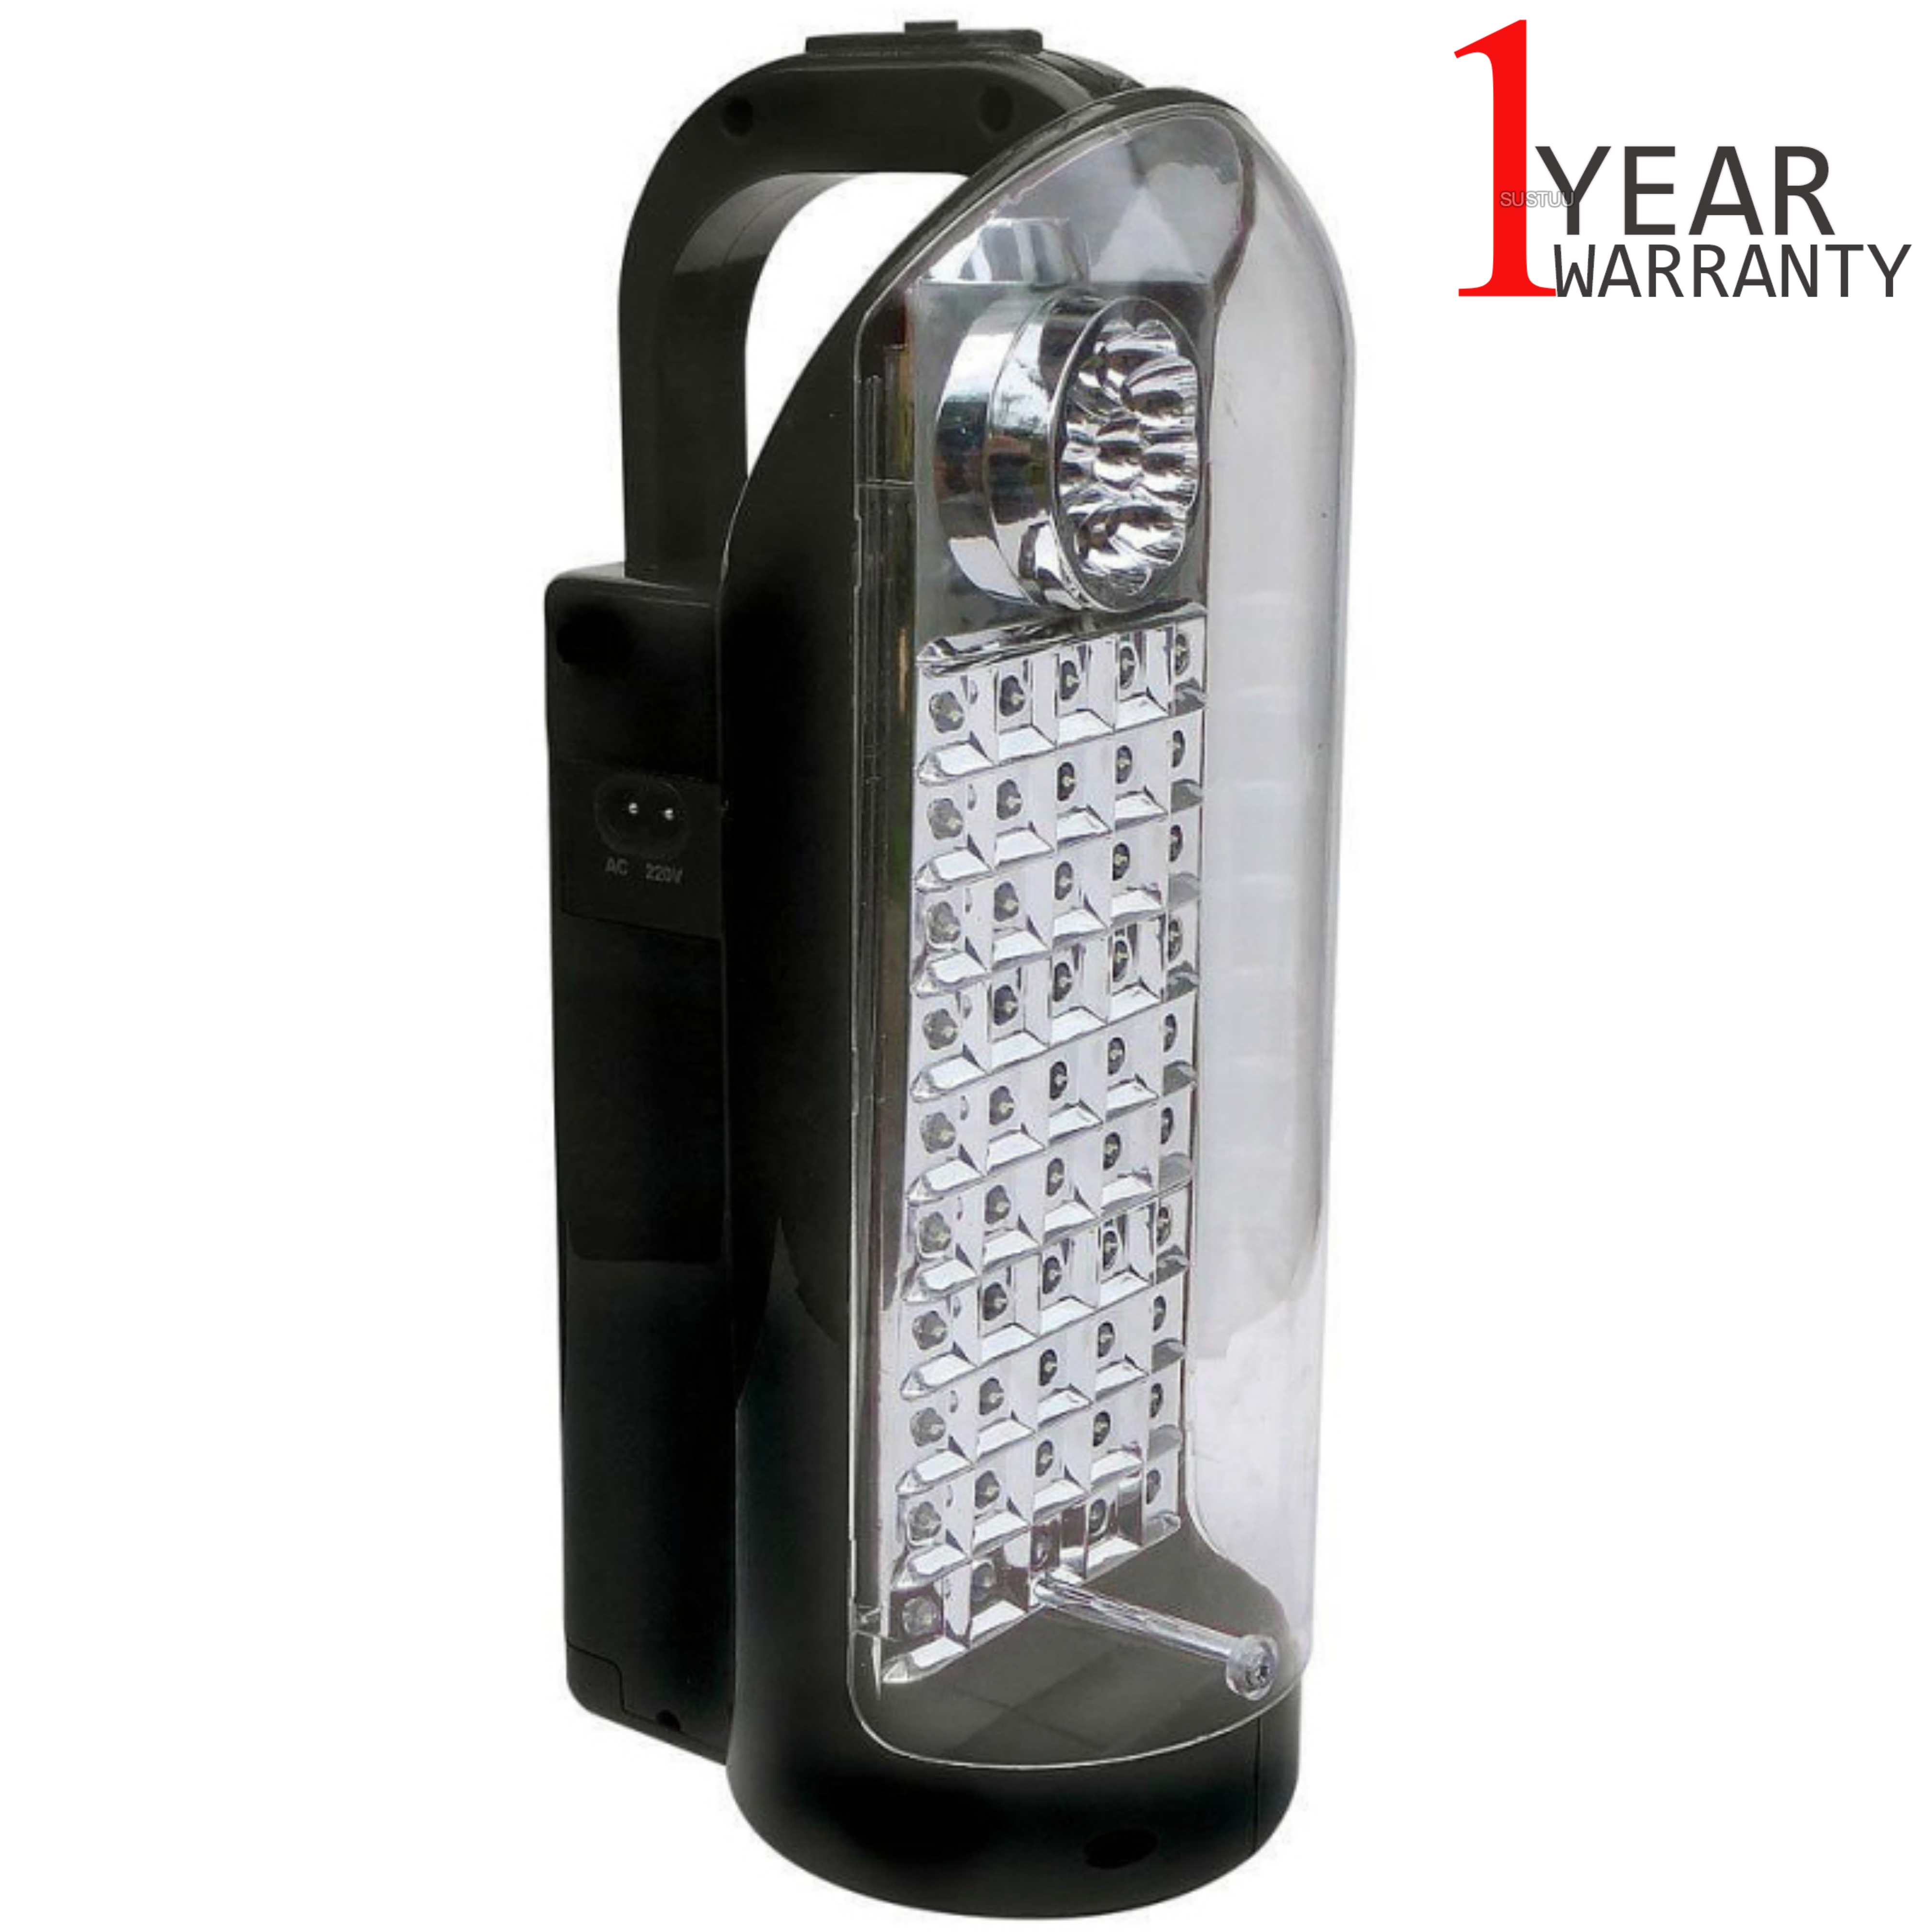 Infapower 60 LED Emergengy Rechargebale Lantern | 110-240V Worldwide use | F019 | NEW